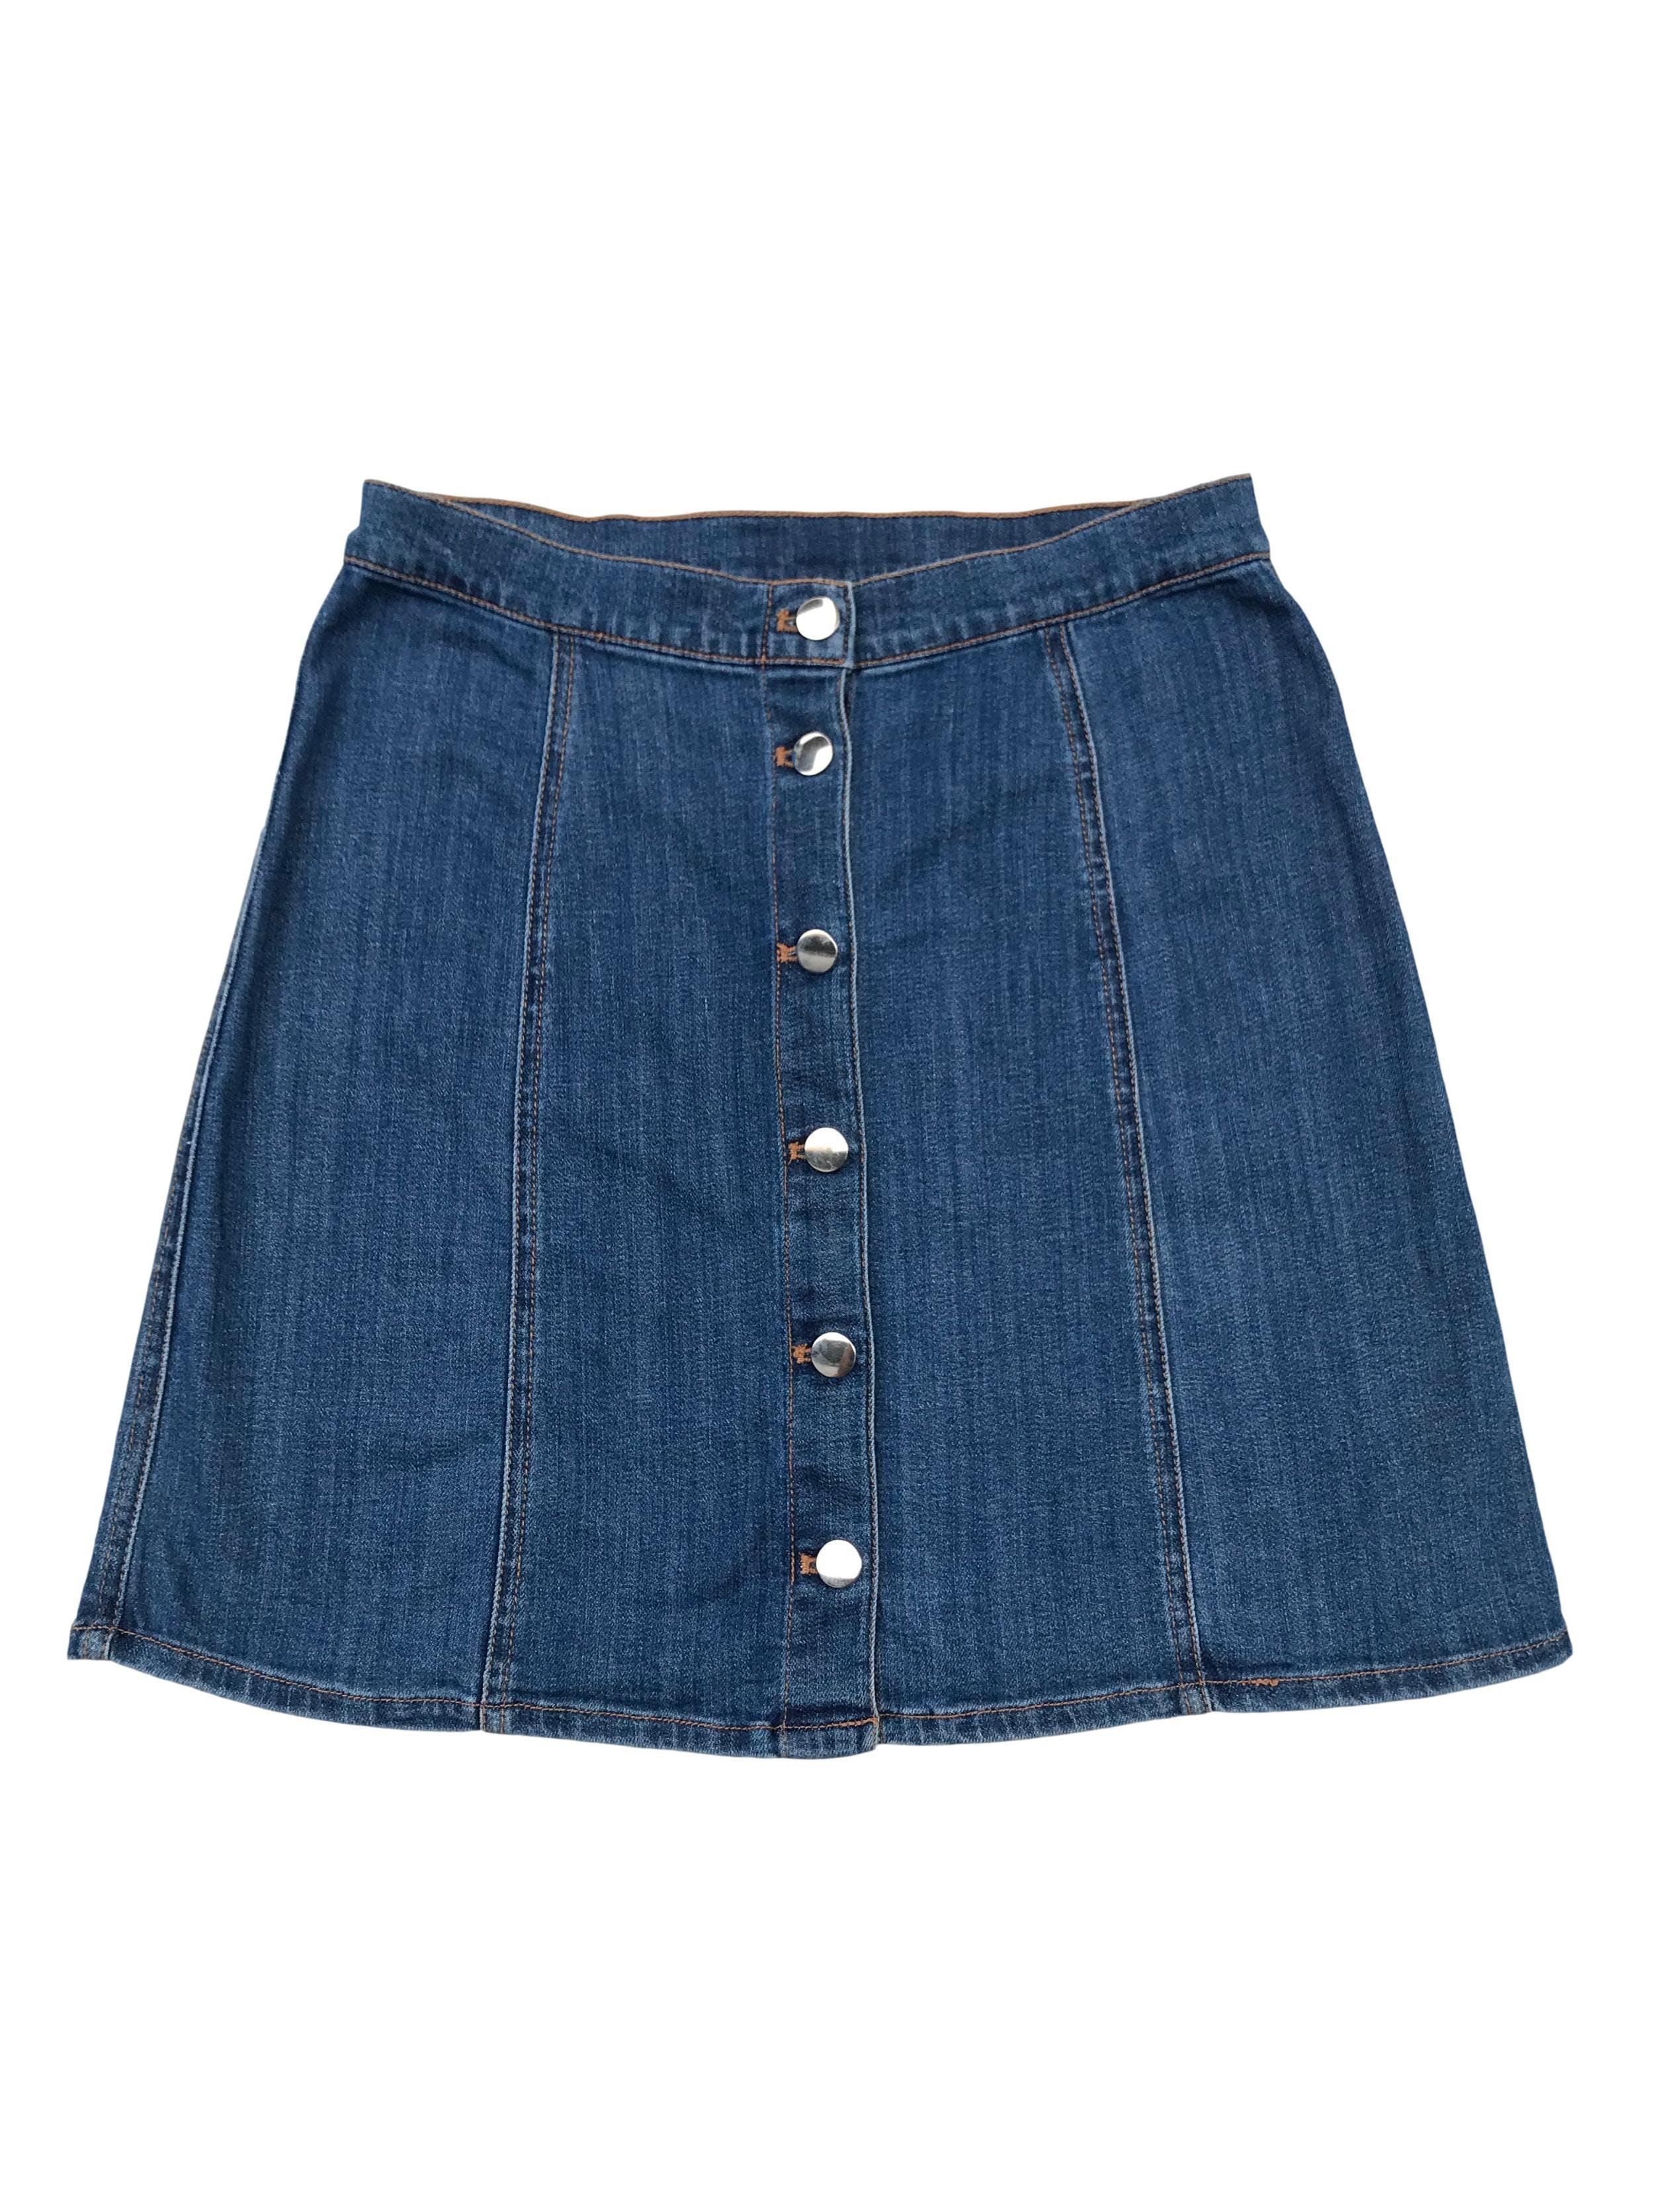 Falda de jean H&M con botones delanteros, corte A. Cintura: 72 cm, largo: 45 cm.